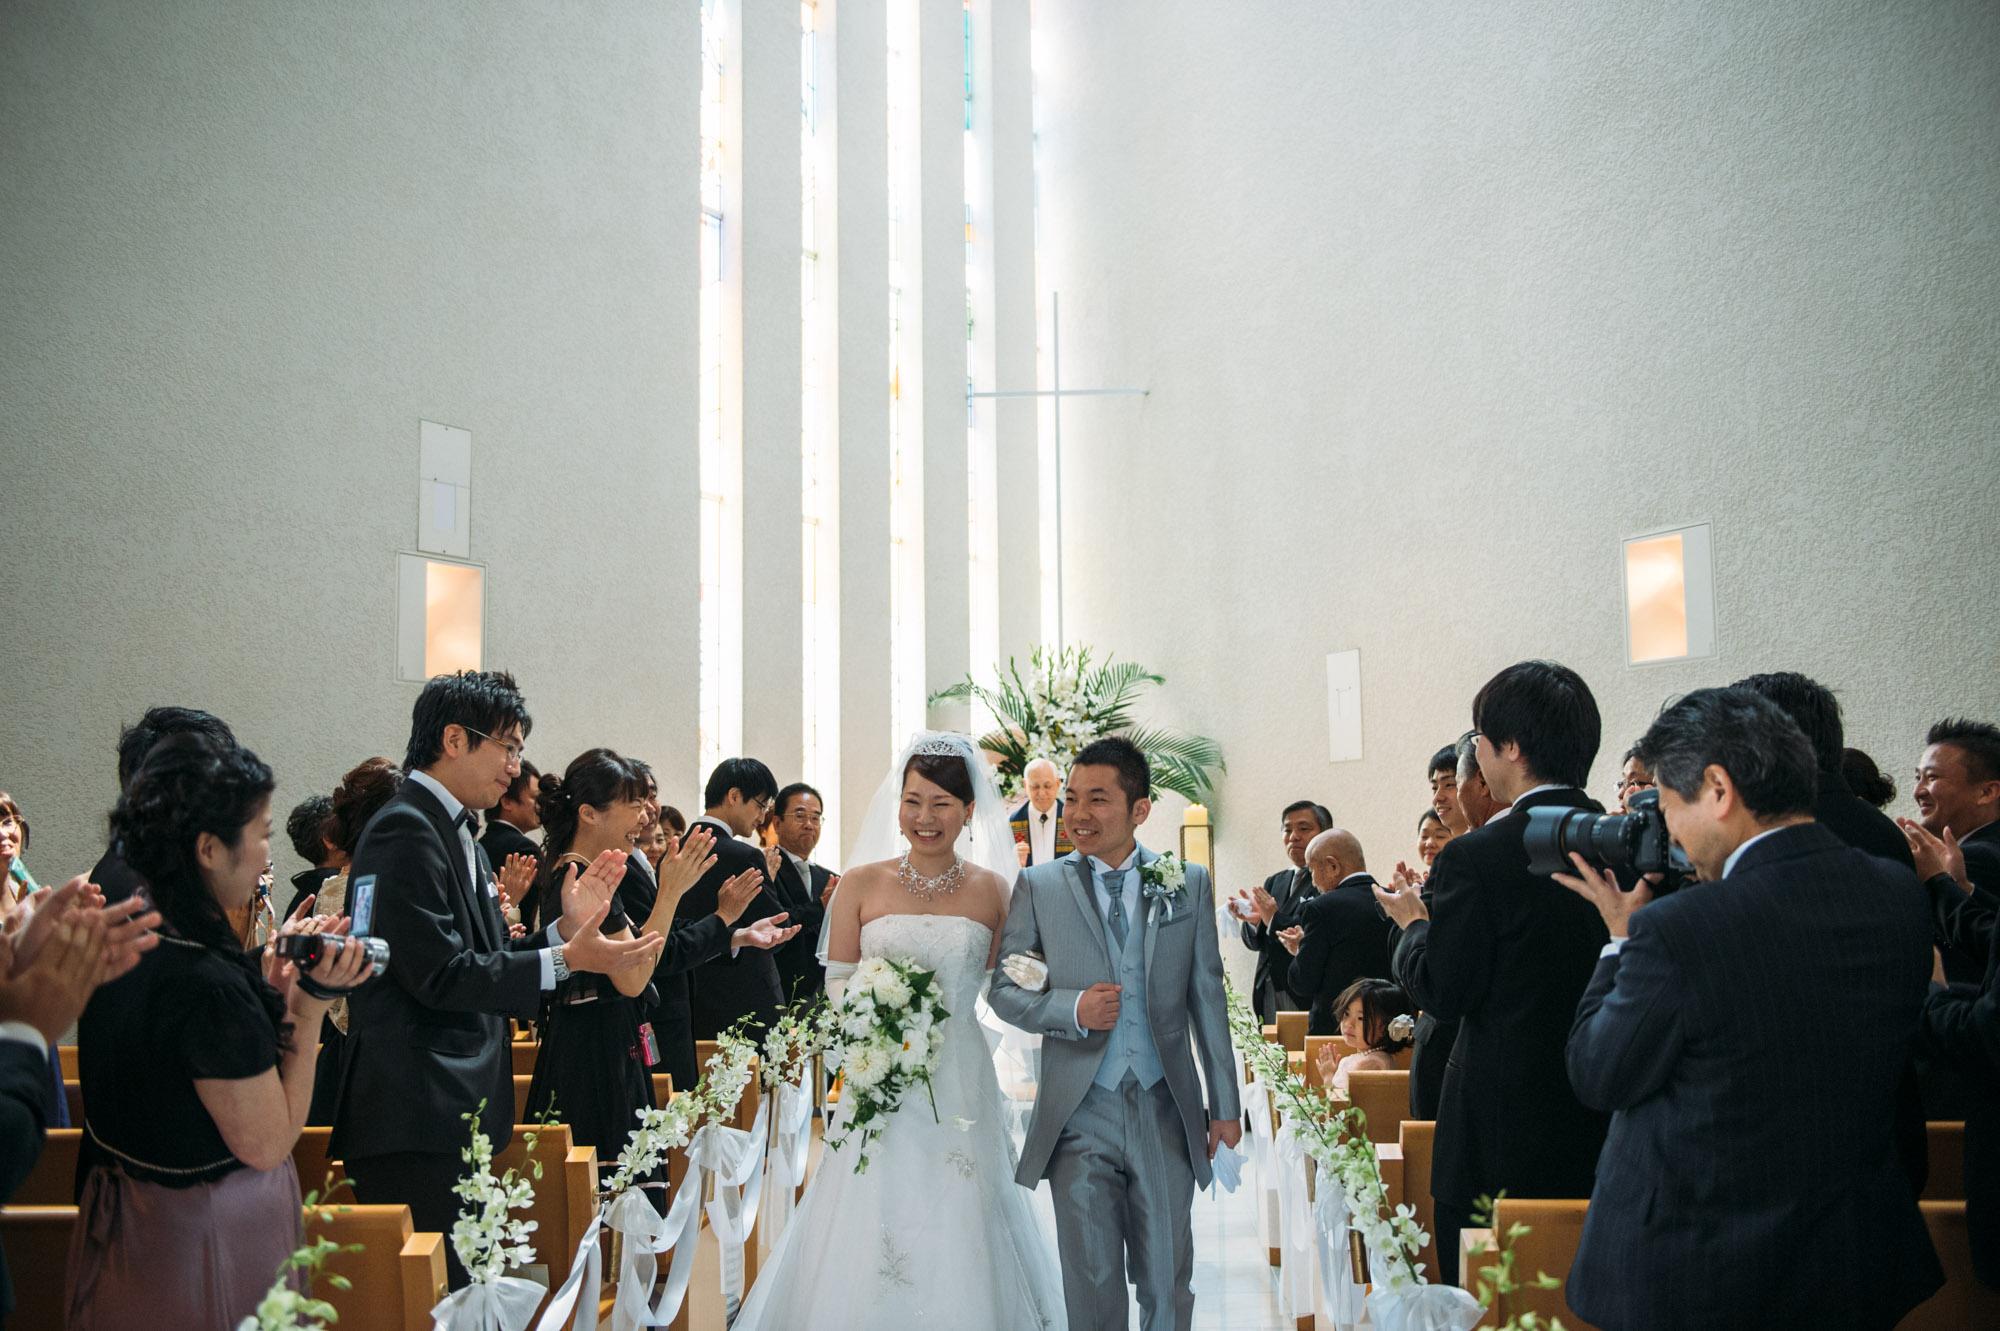 hilton wedding39